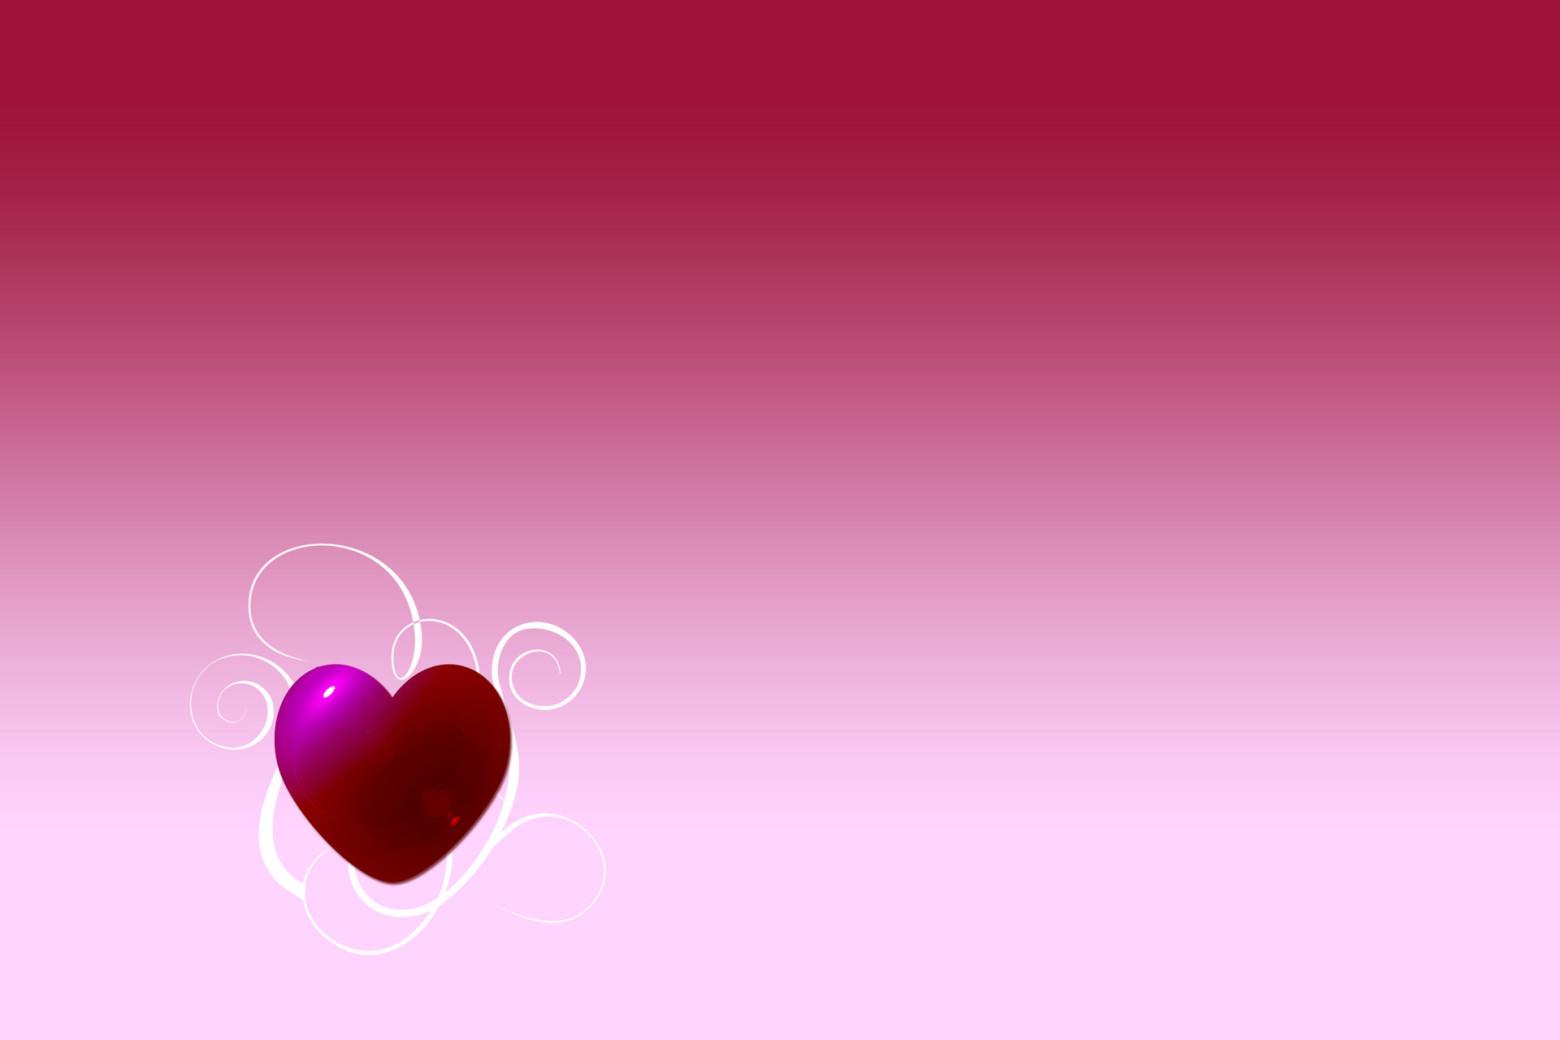 illustration background coeur saint-valentin   images gratuites et